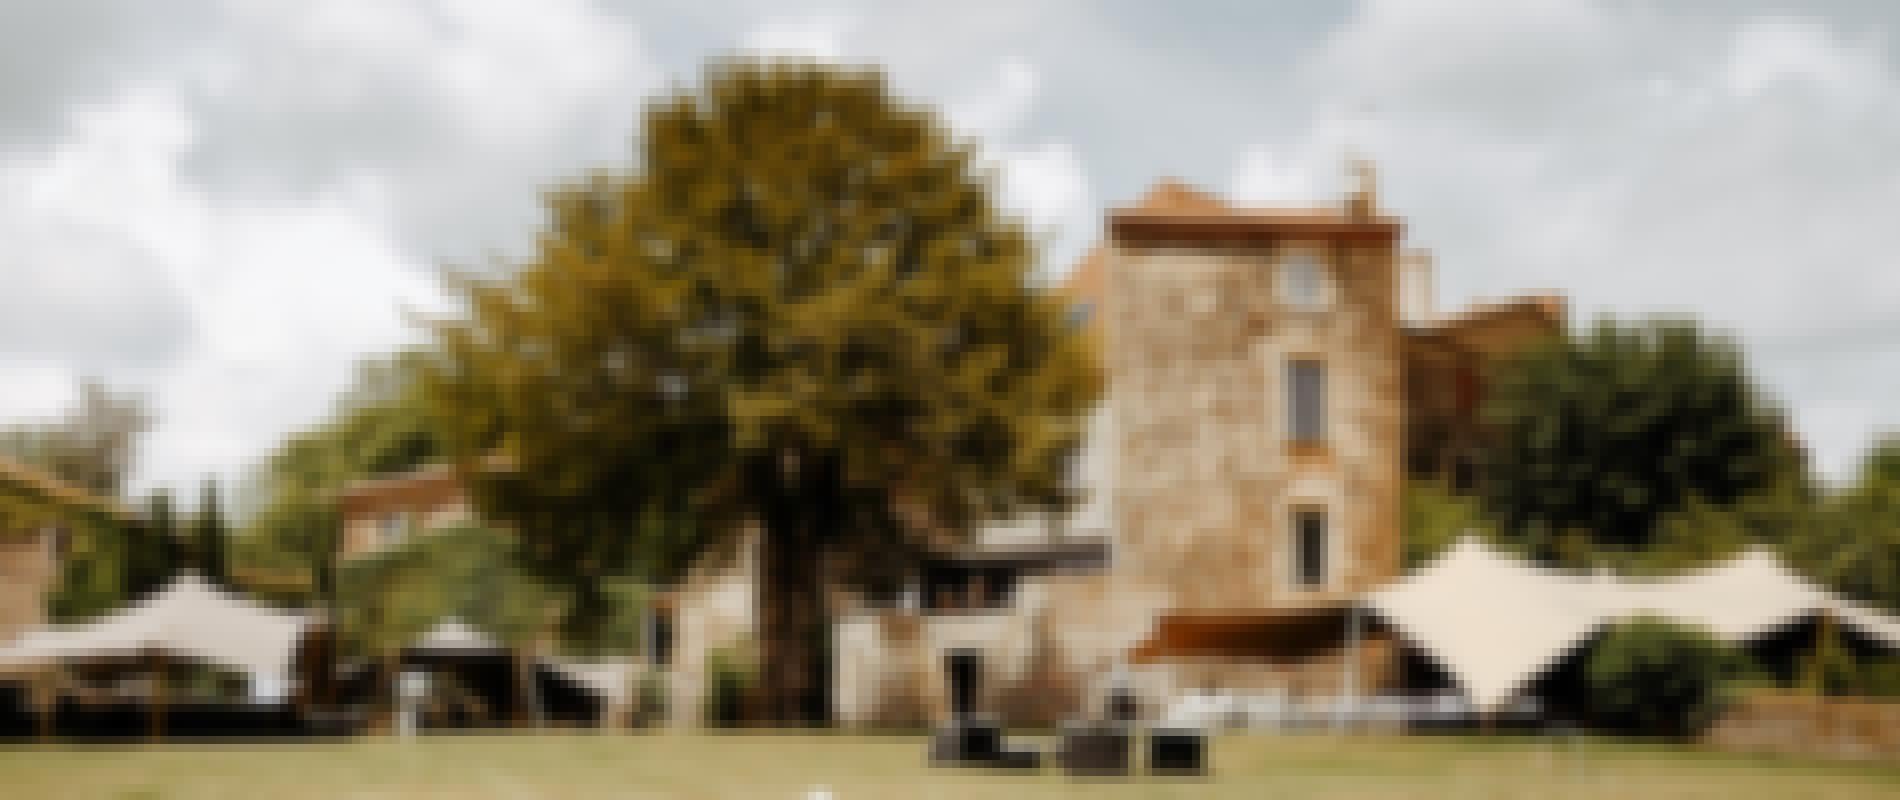 Photo des jardins du château mariage de Bois Rigaud en Auvergne.